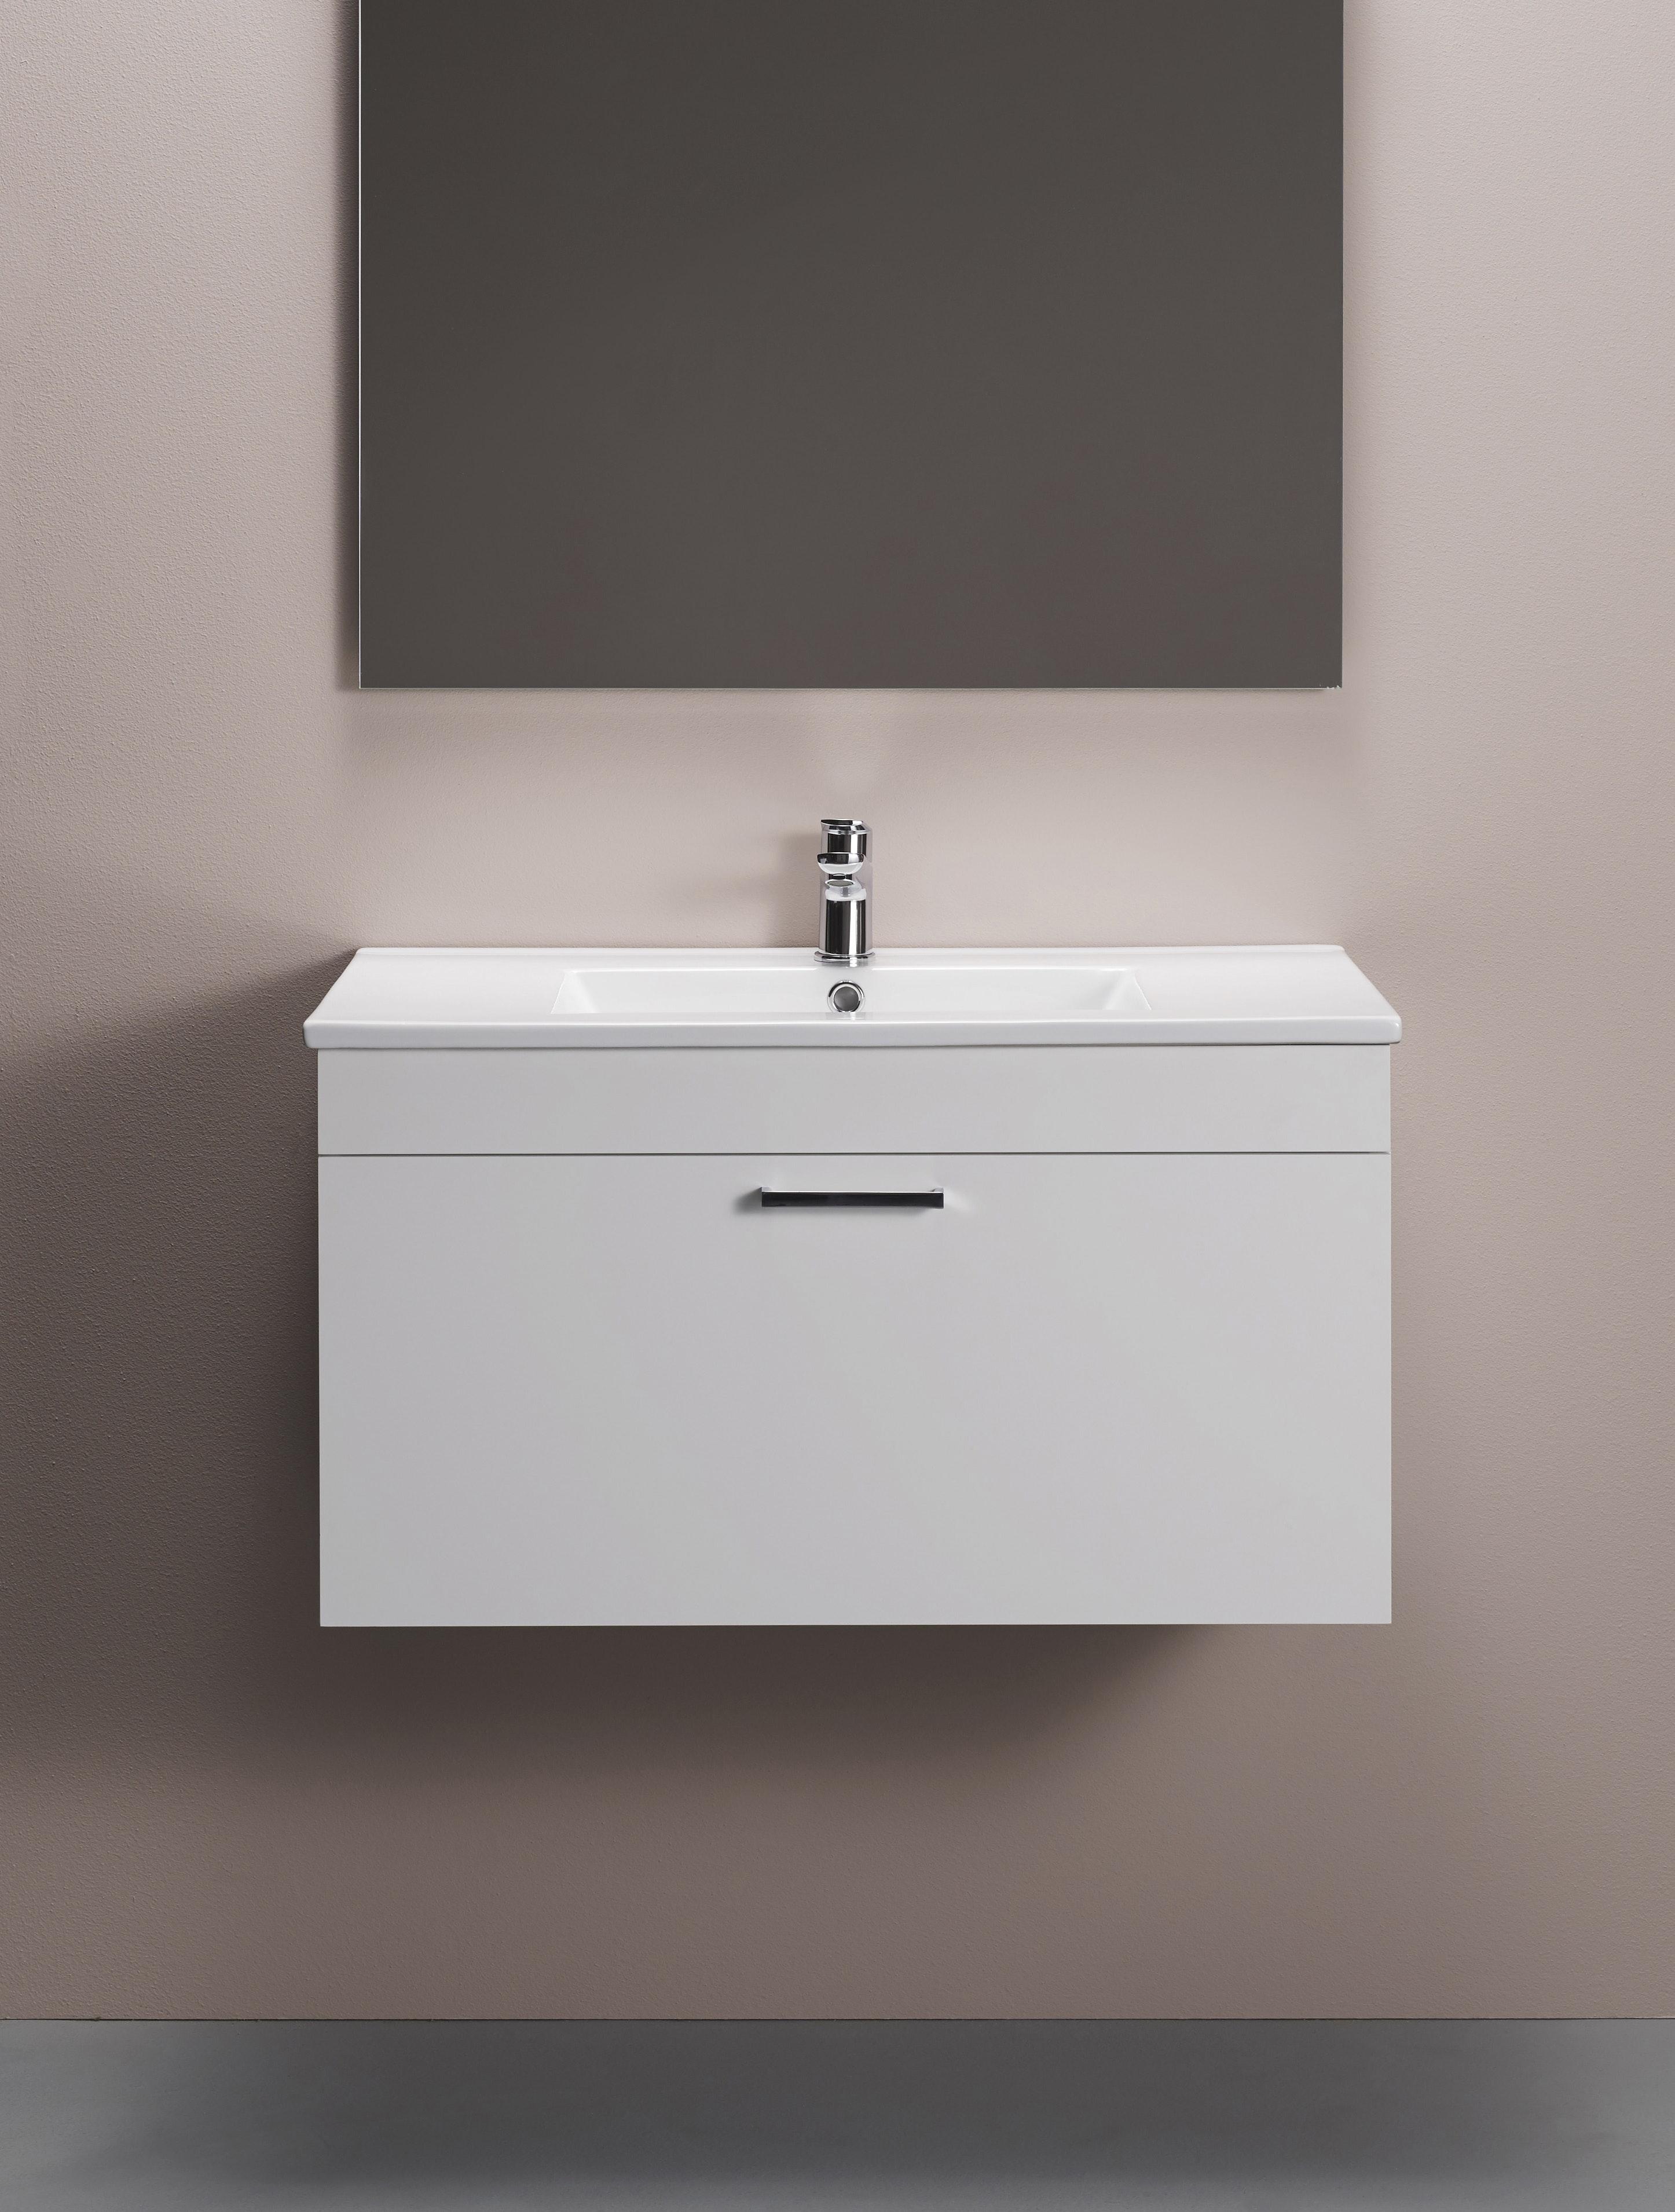 Tvättställsskåp Hafa 800 Go Högblank Vit